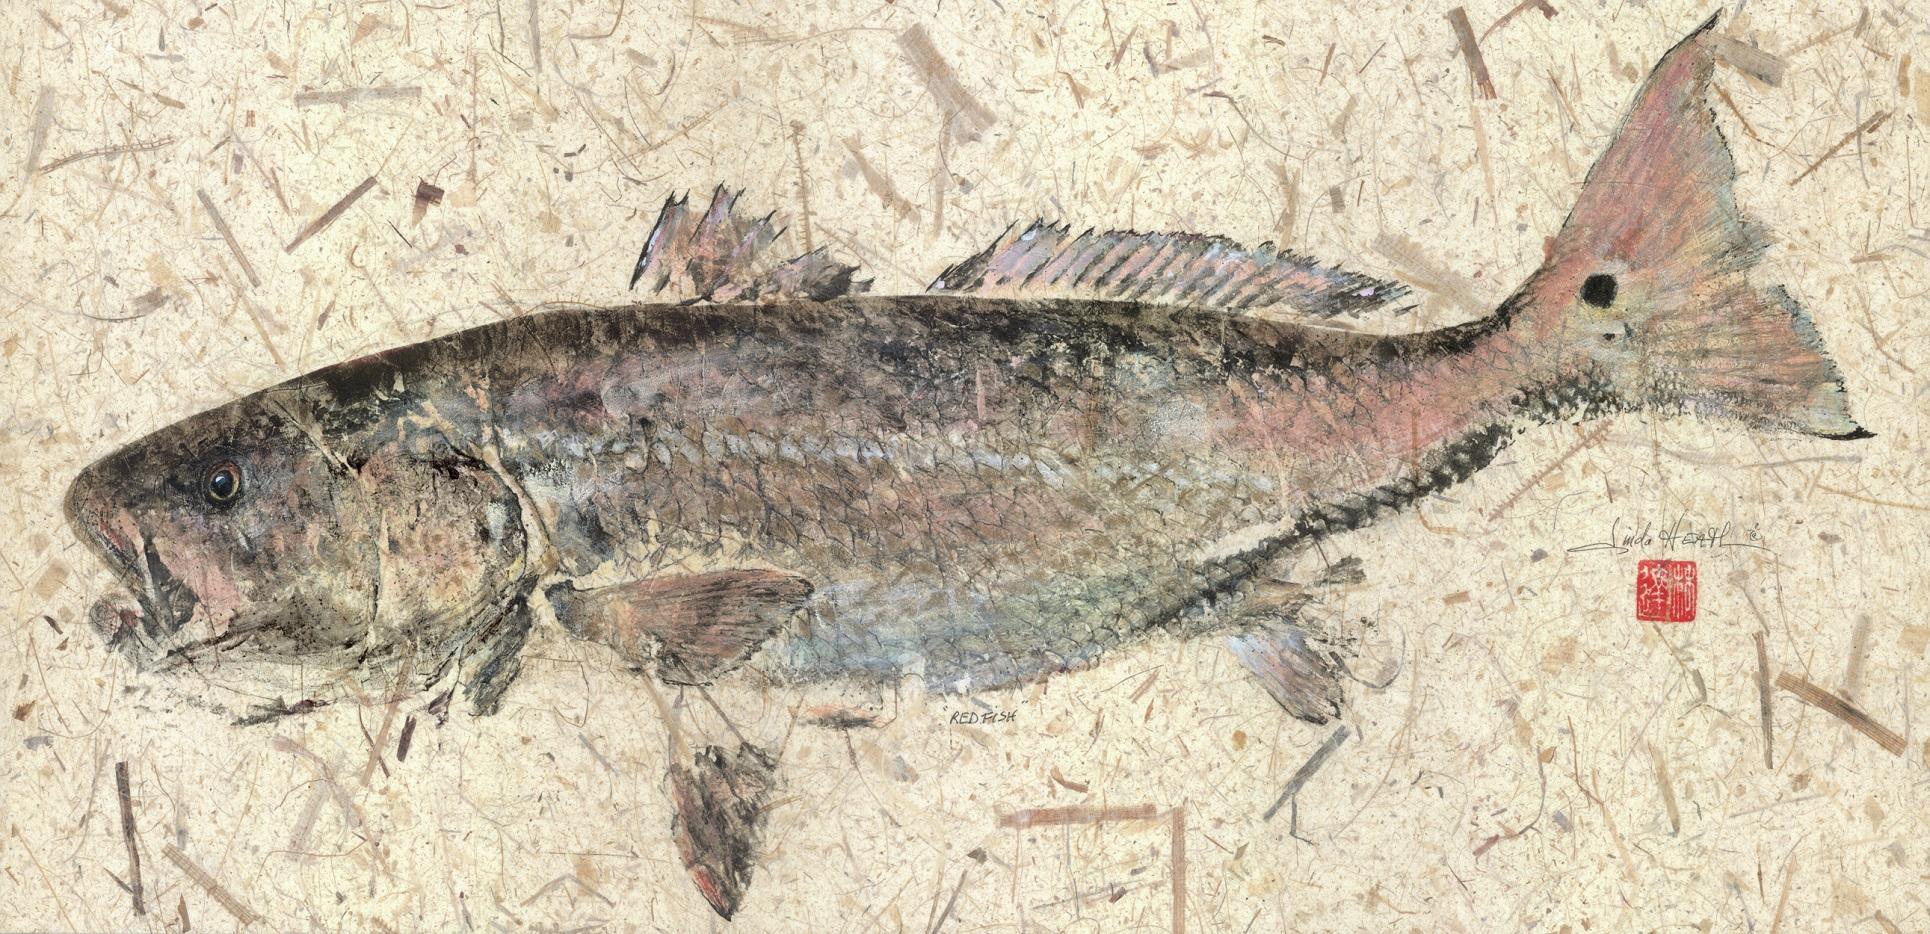 #716 RedfishZapp